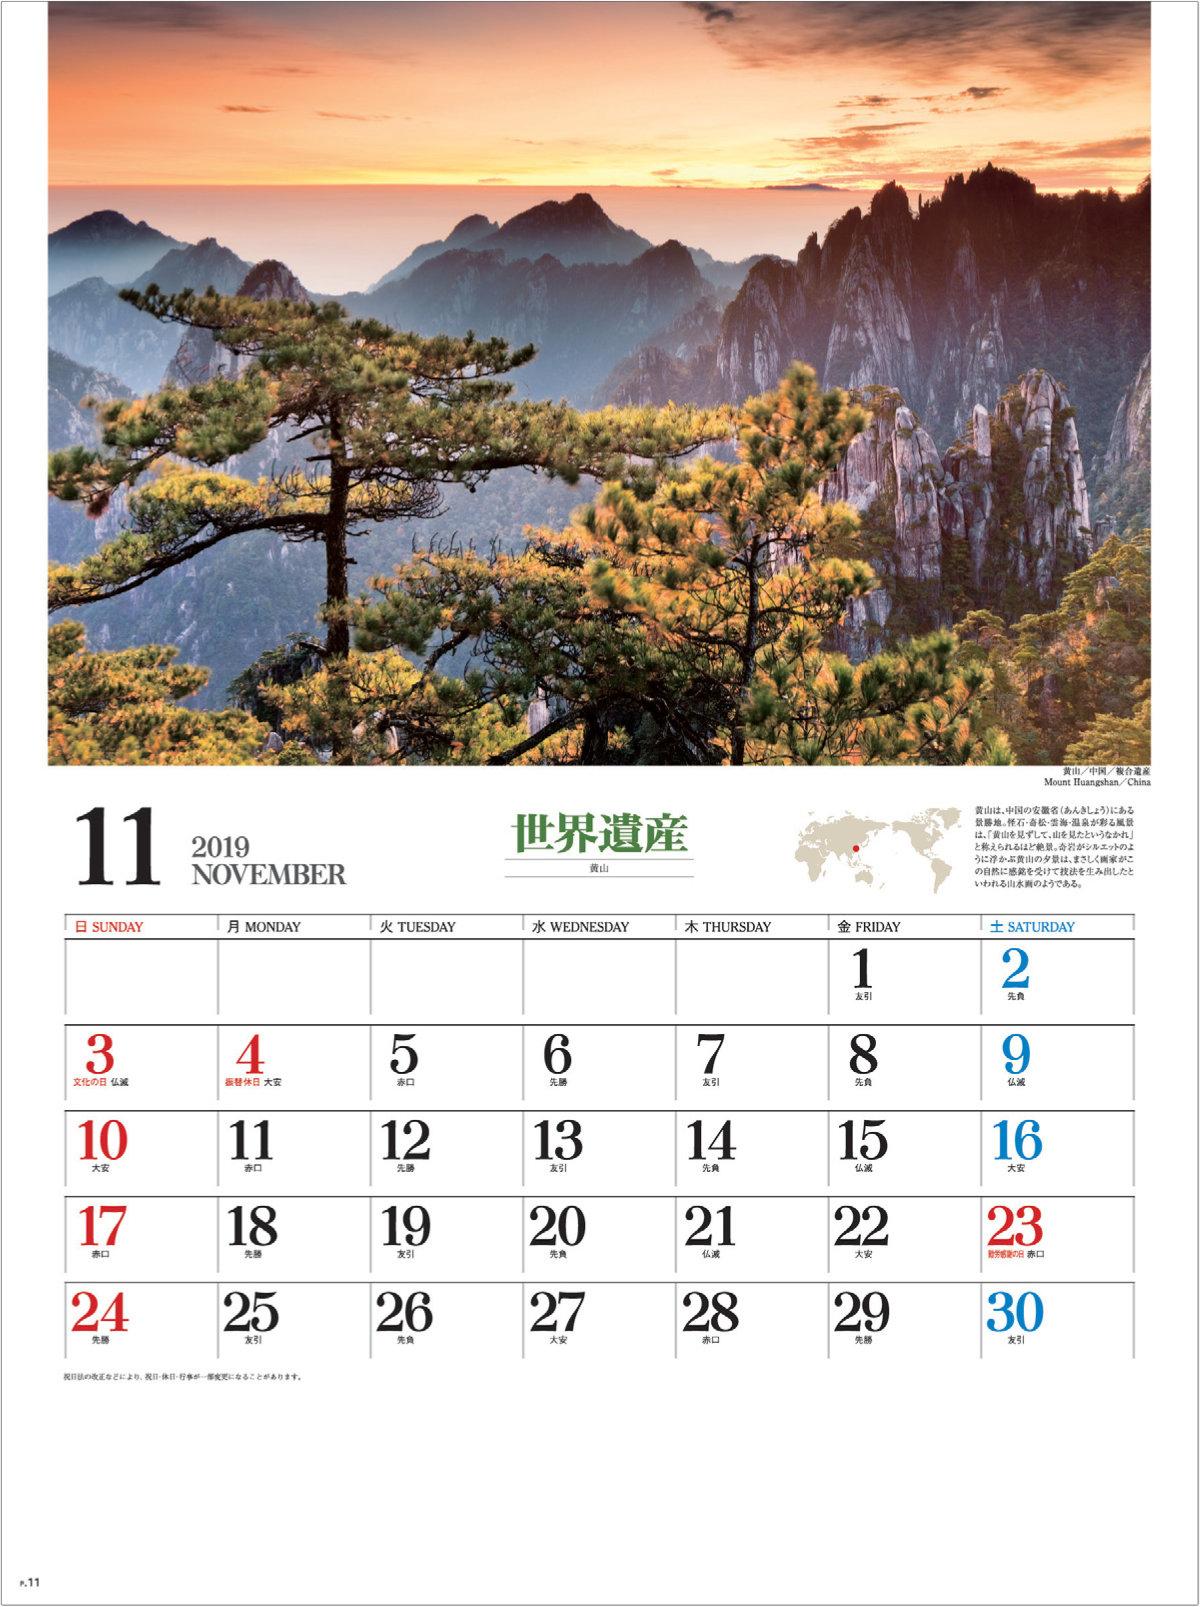 画像:中国の黄山 ユネスコ世界遺産 2019年カレンダー